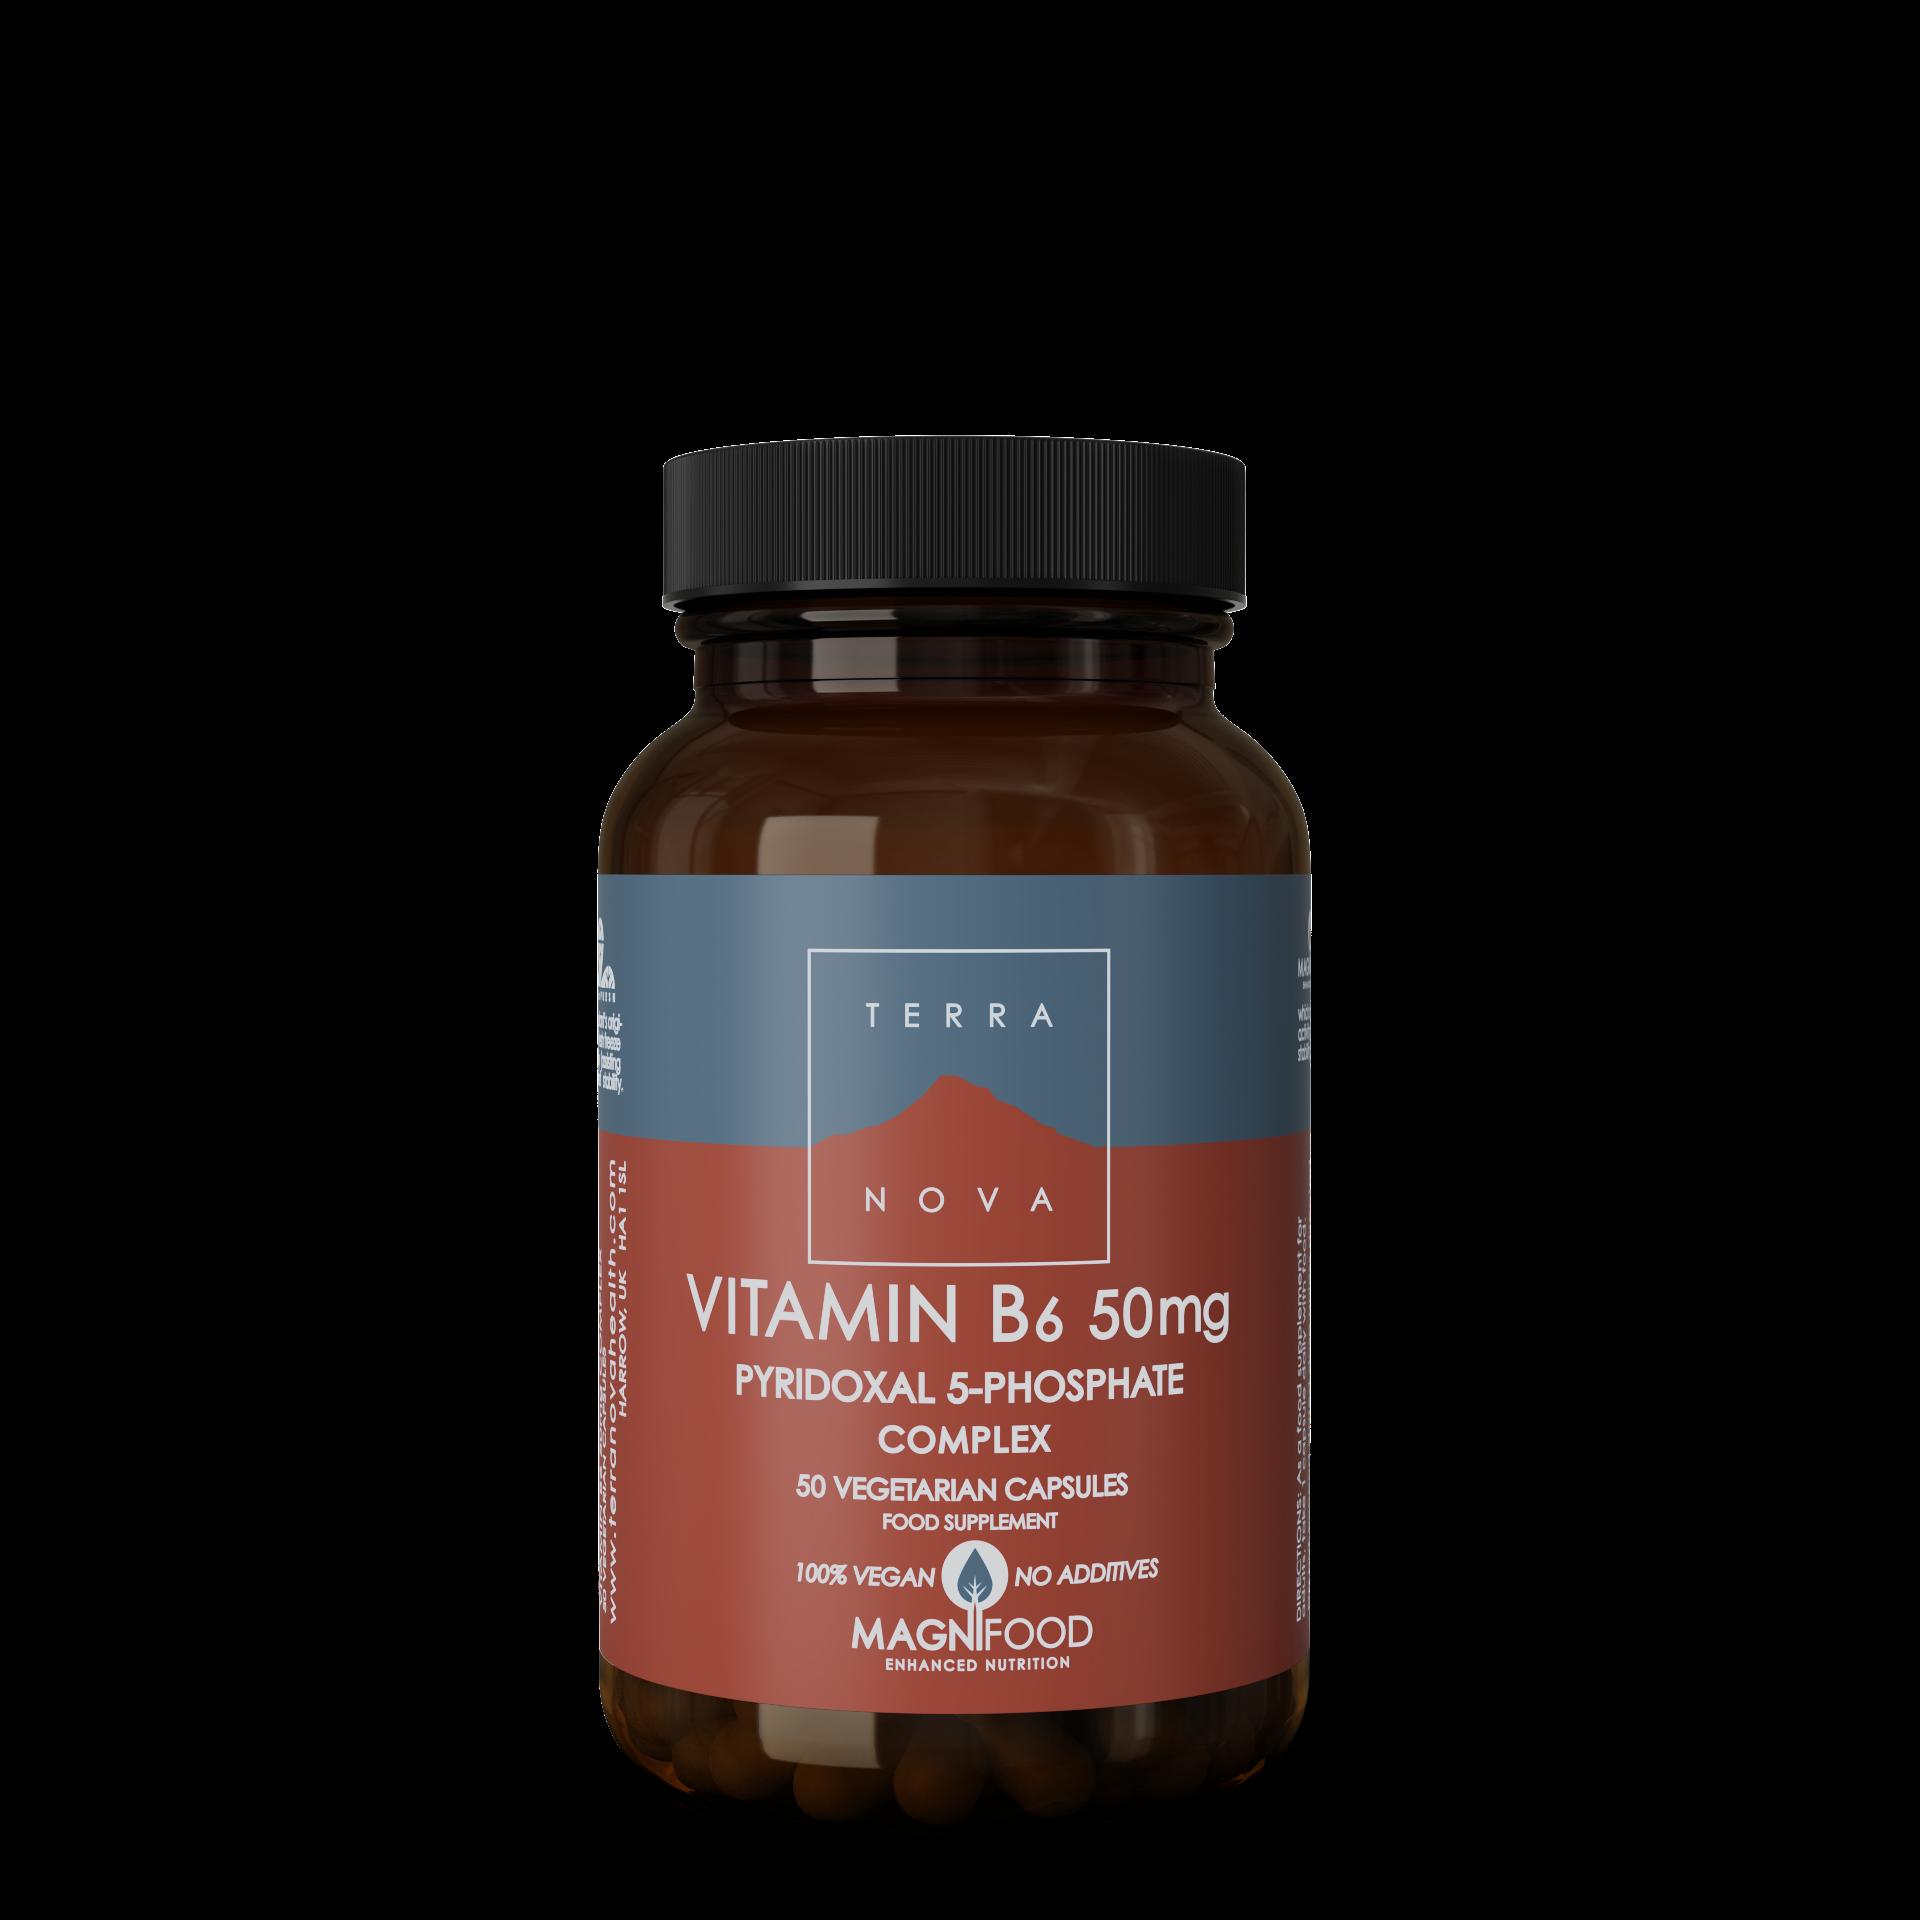 Vitamin B6 50mg 50's